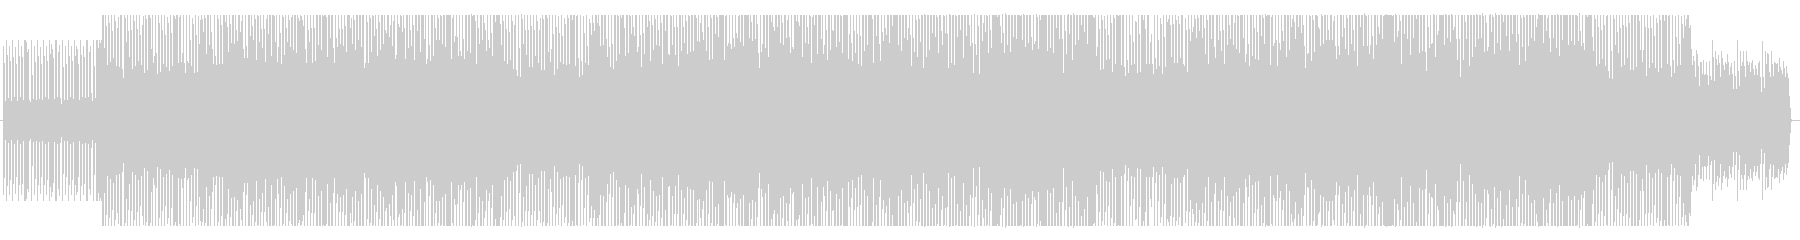 簡単なEDMです。の未再生の波形